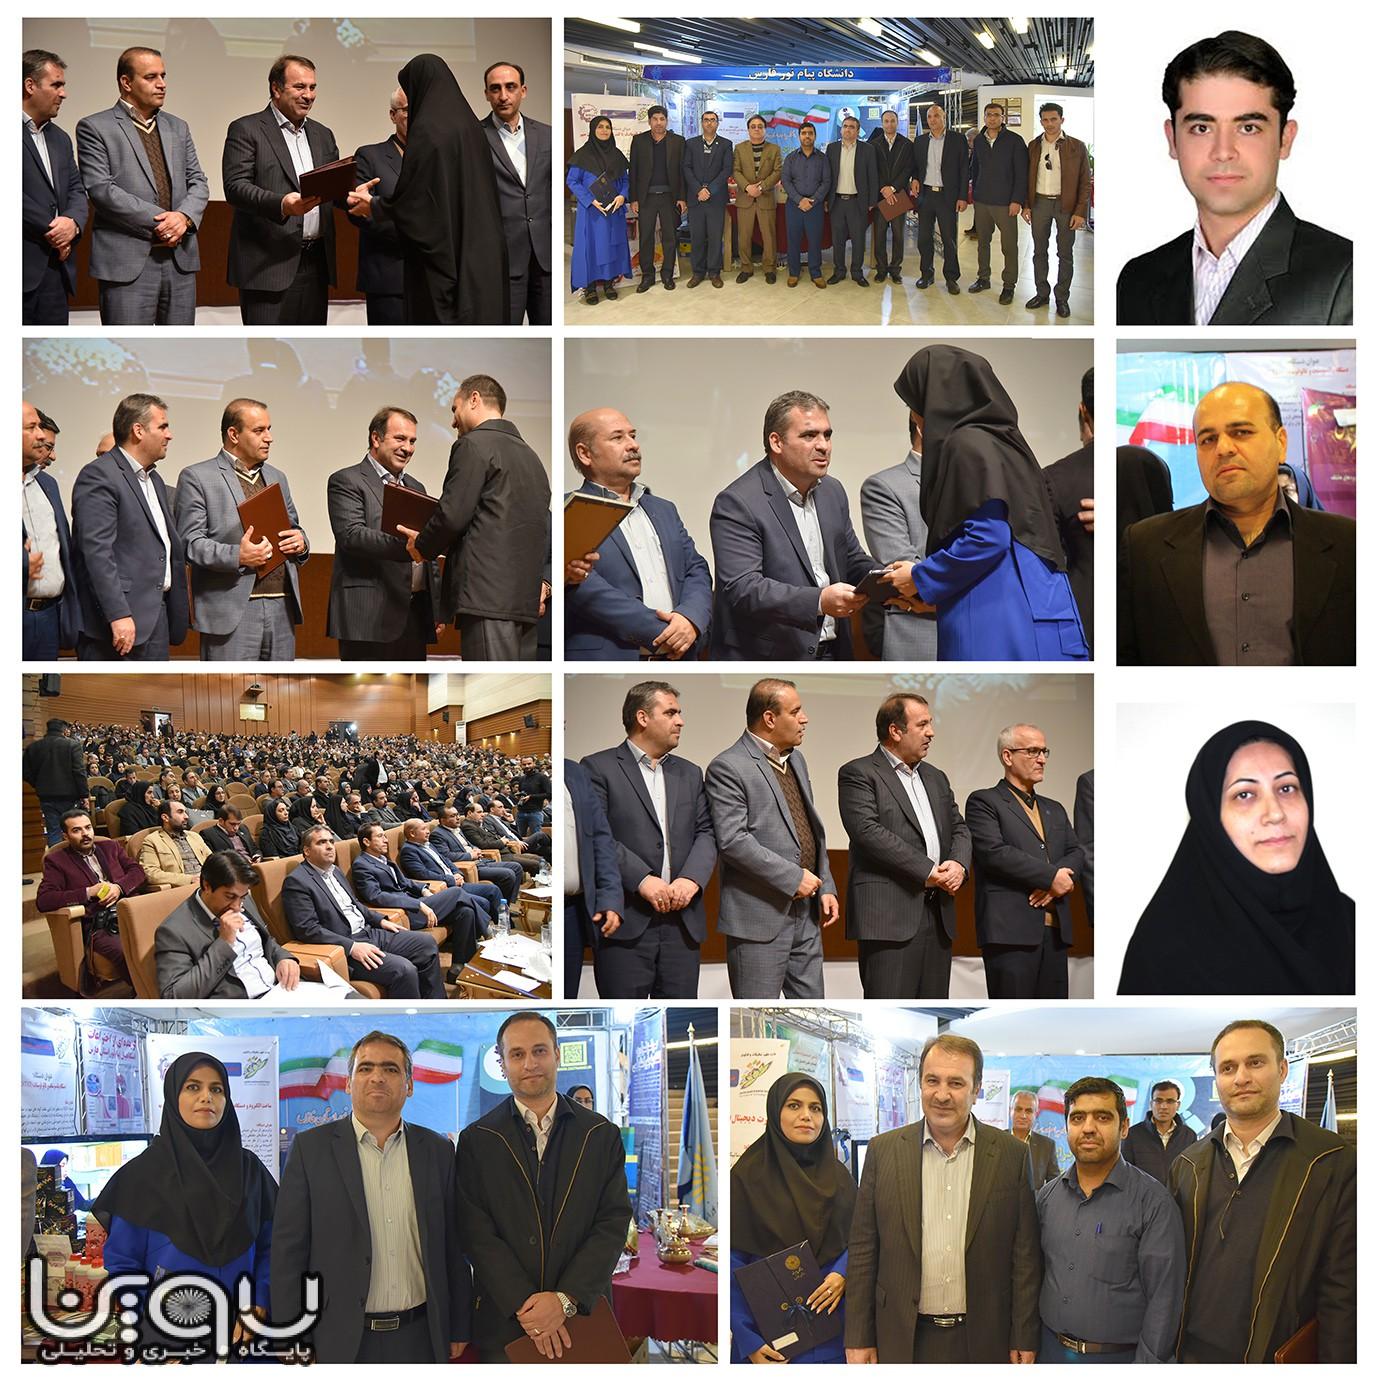 پژوهشگران برتر دانشگاه پیام نور استان فارس معرفی شدند